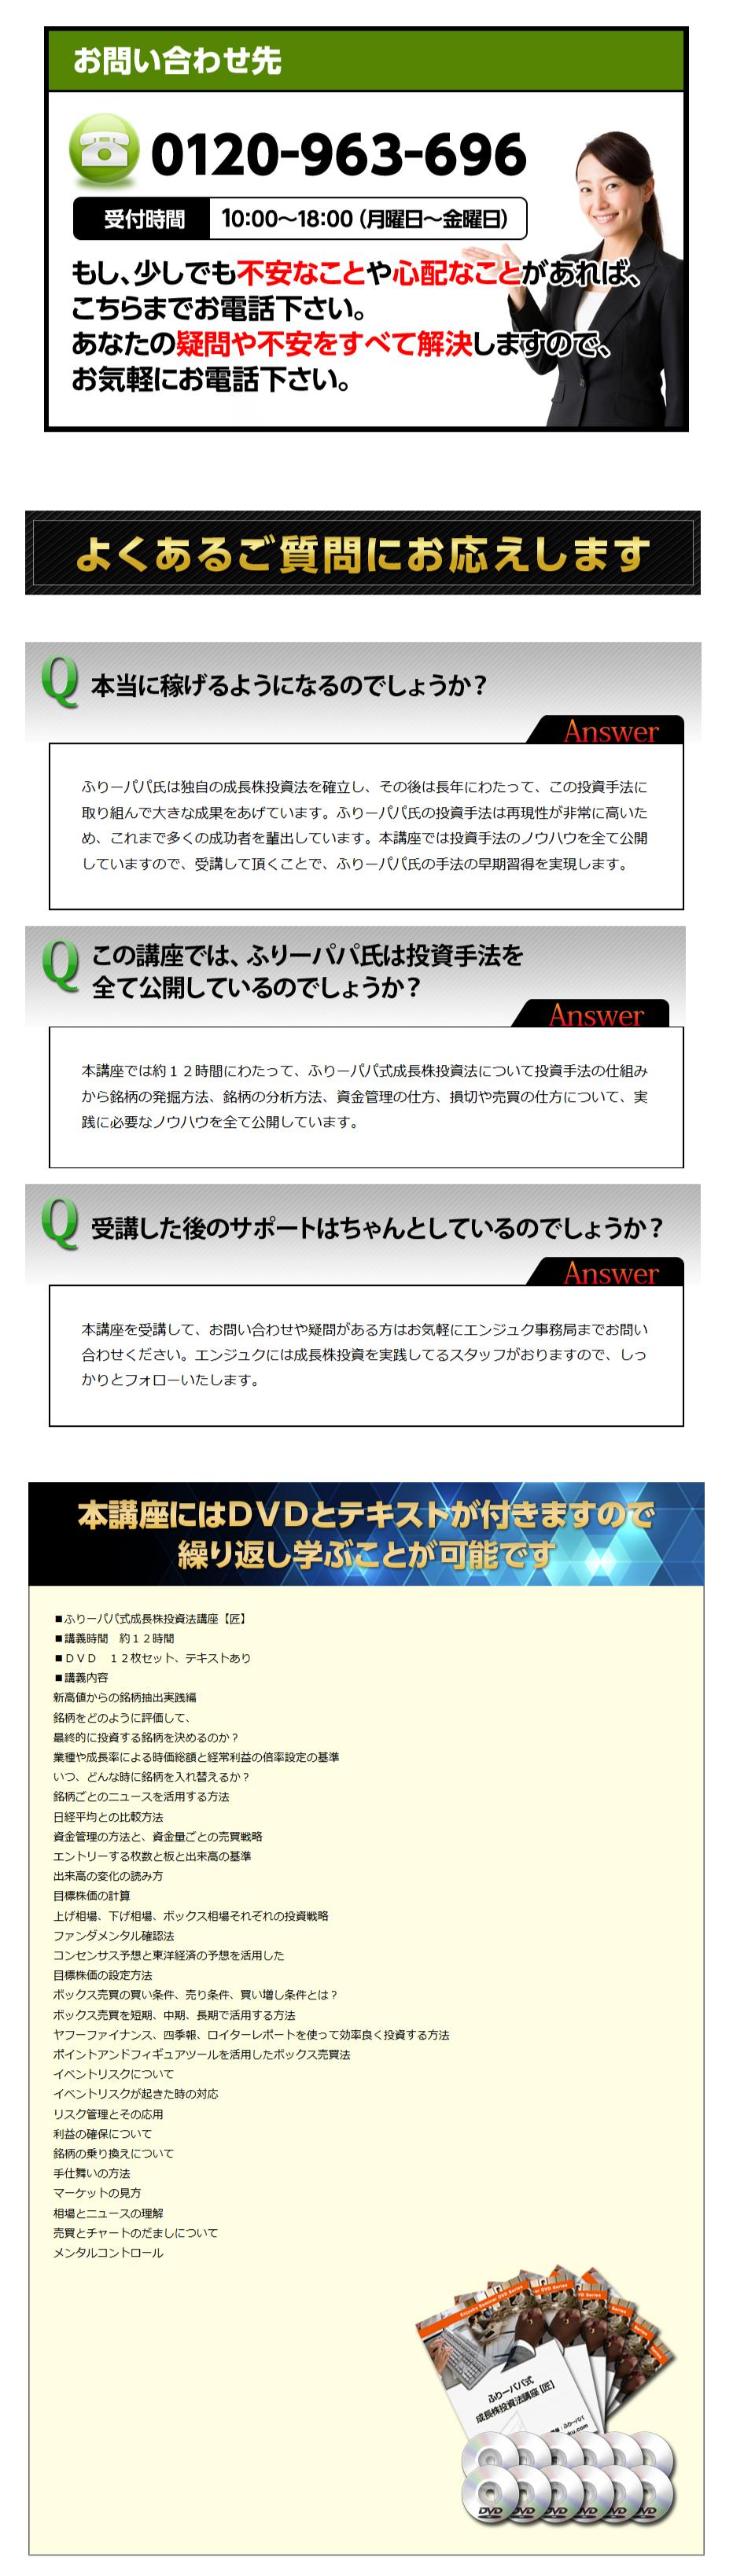 ふりーパパ式成長株投資法【匠】-2018-06-14_11